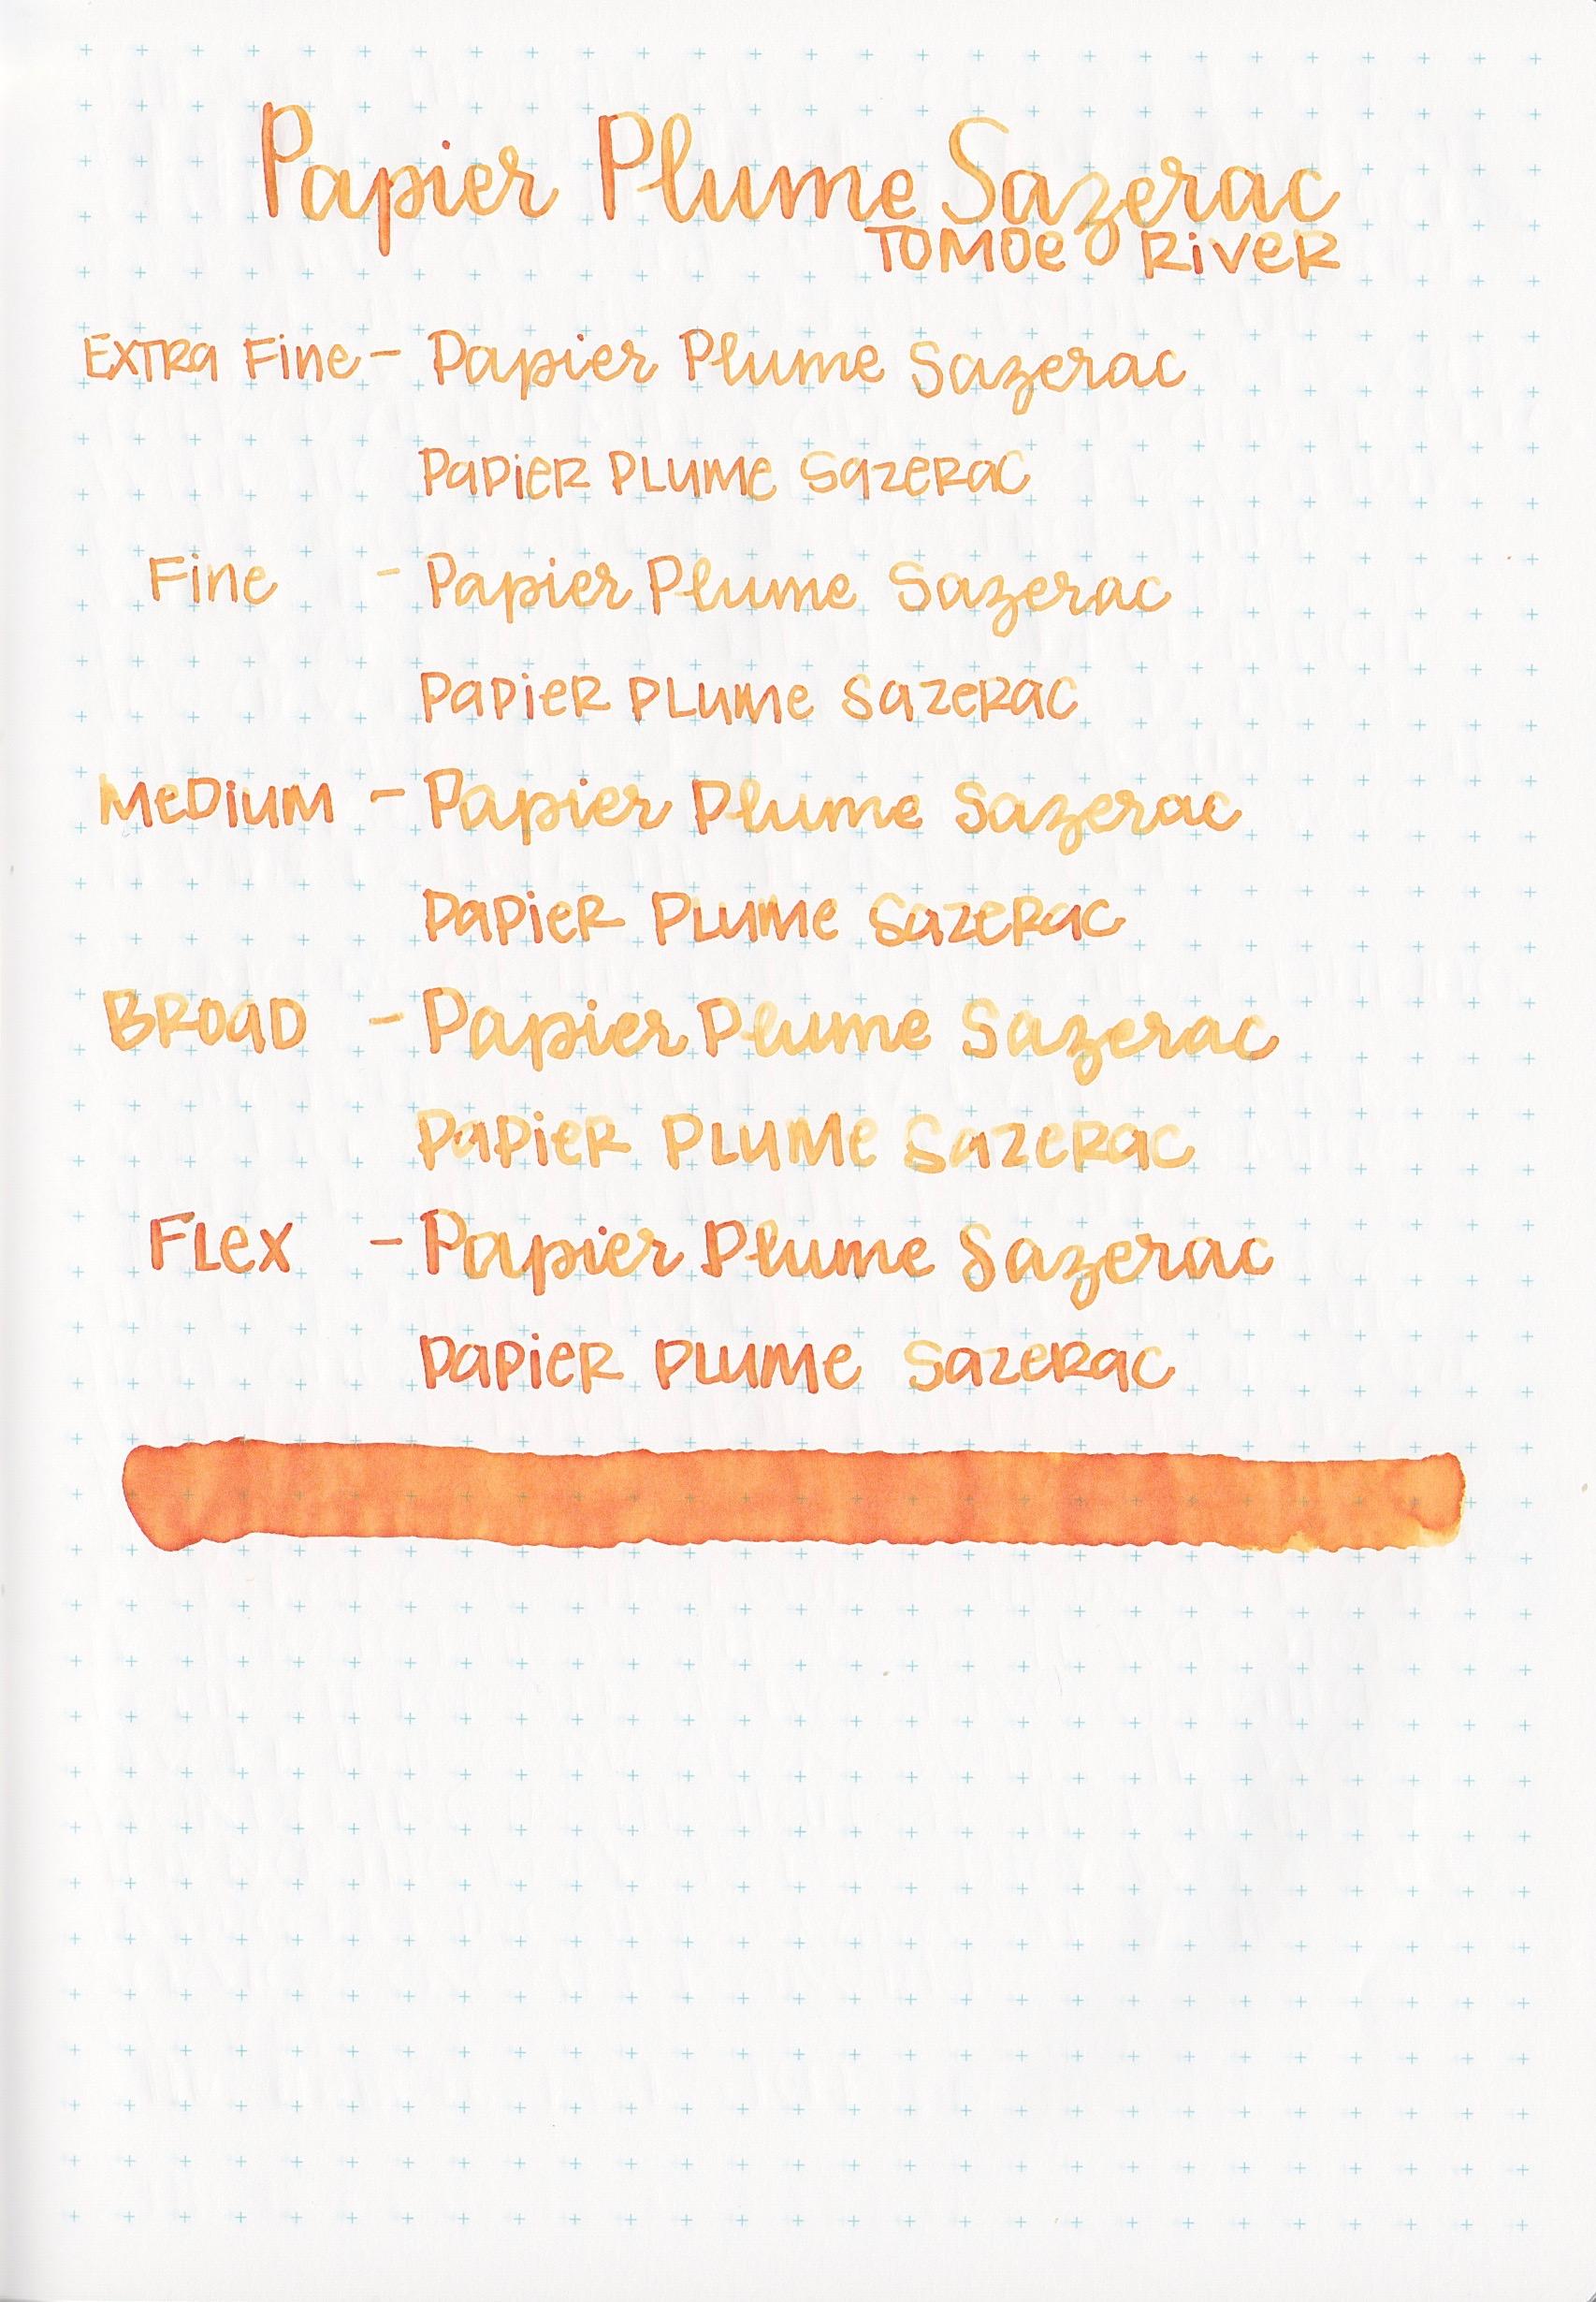 PapierPlumeSazerac - 11.jpg